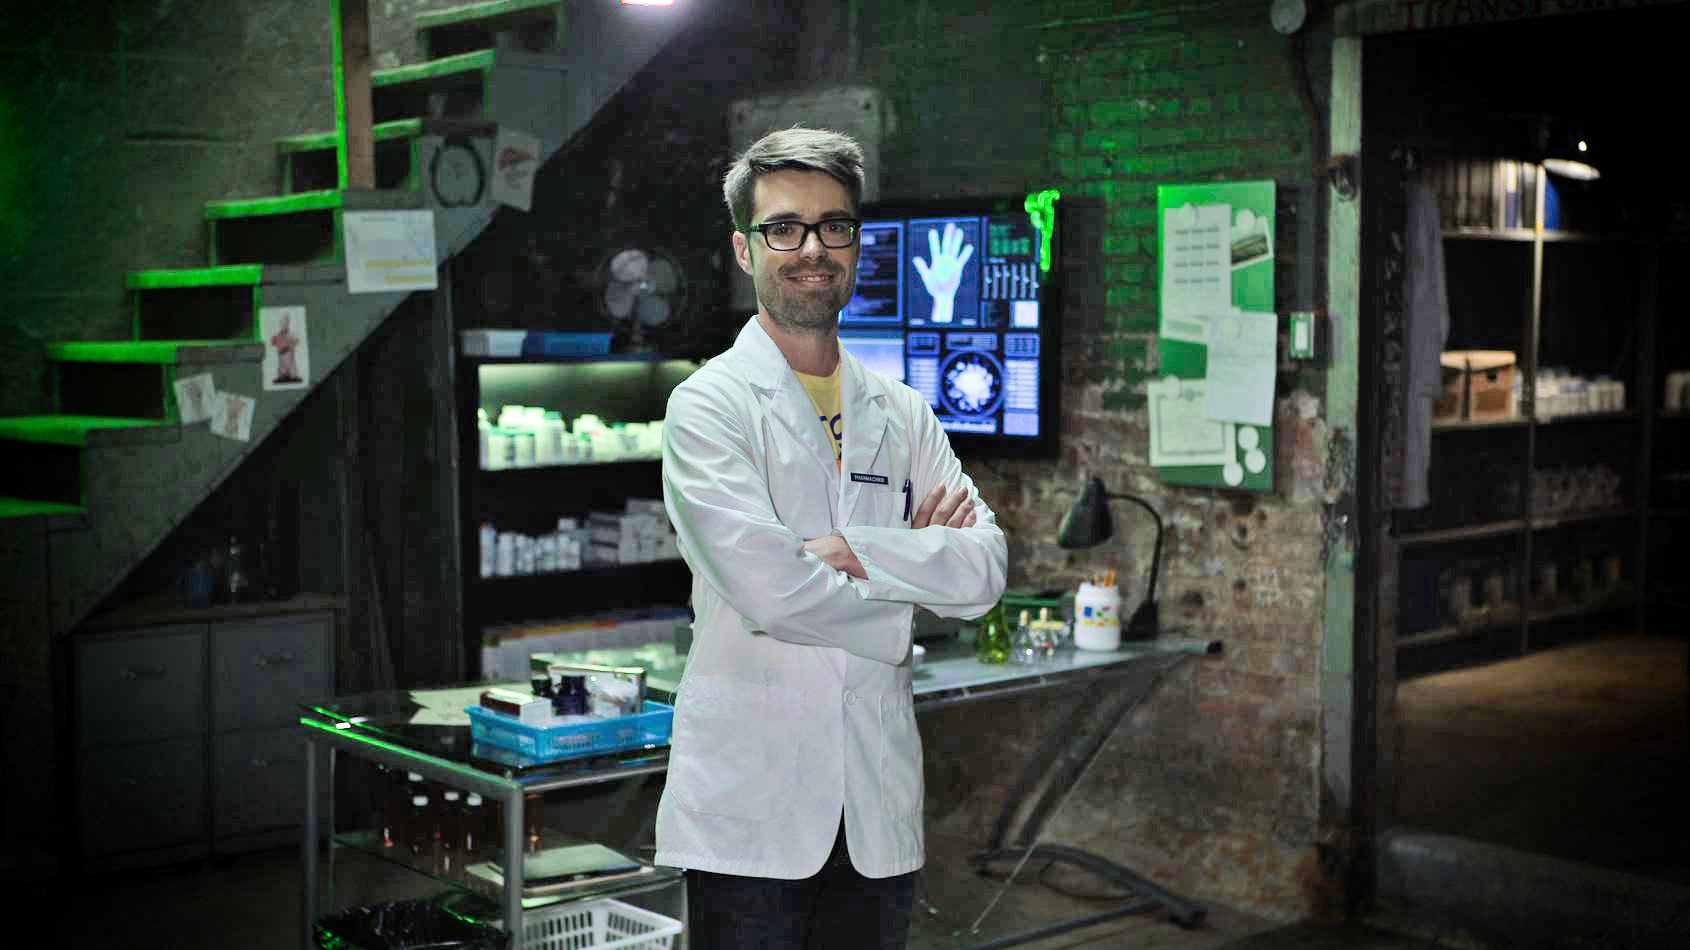 Les Aventures du Pharmachien sur Explora en décembre